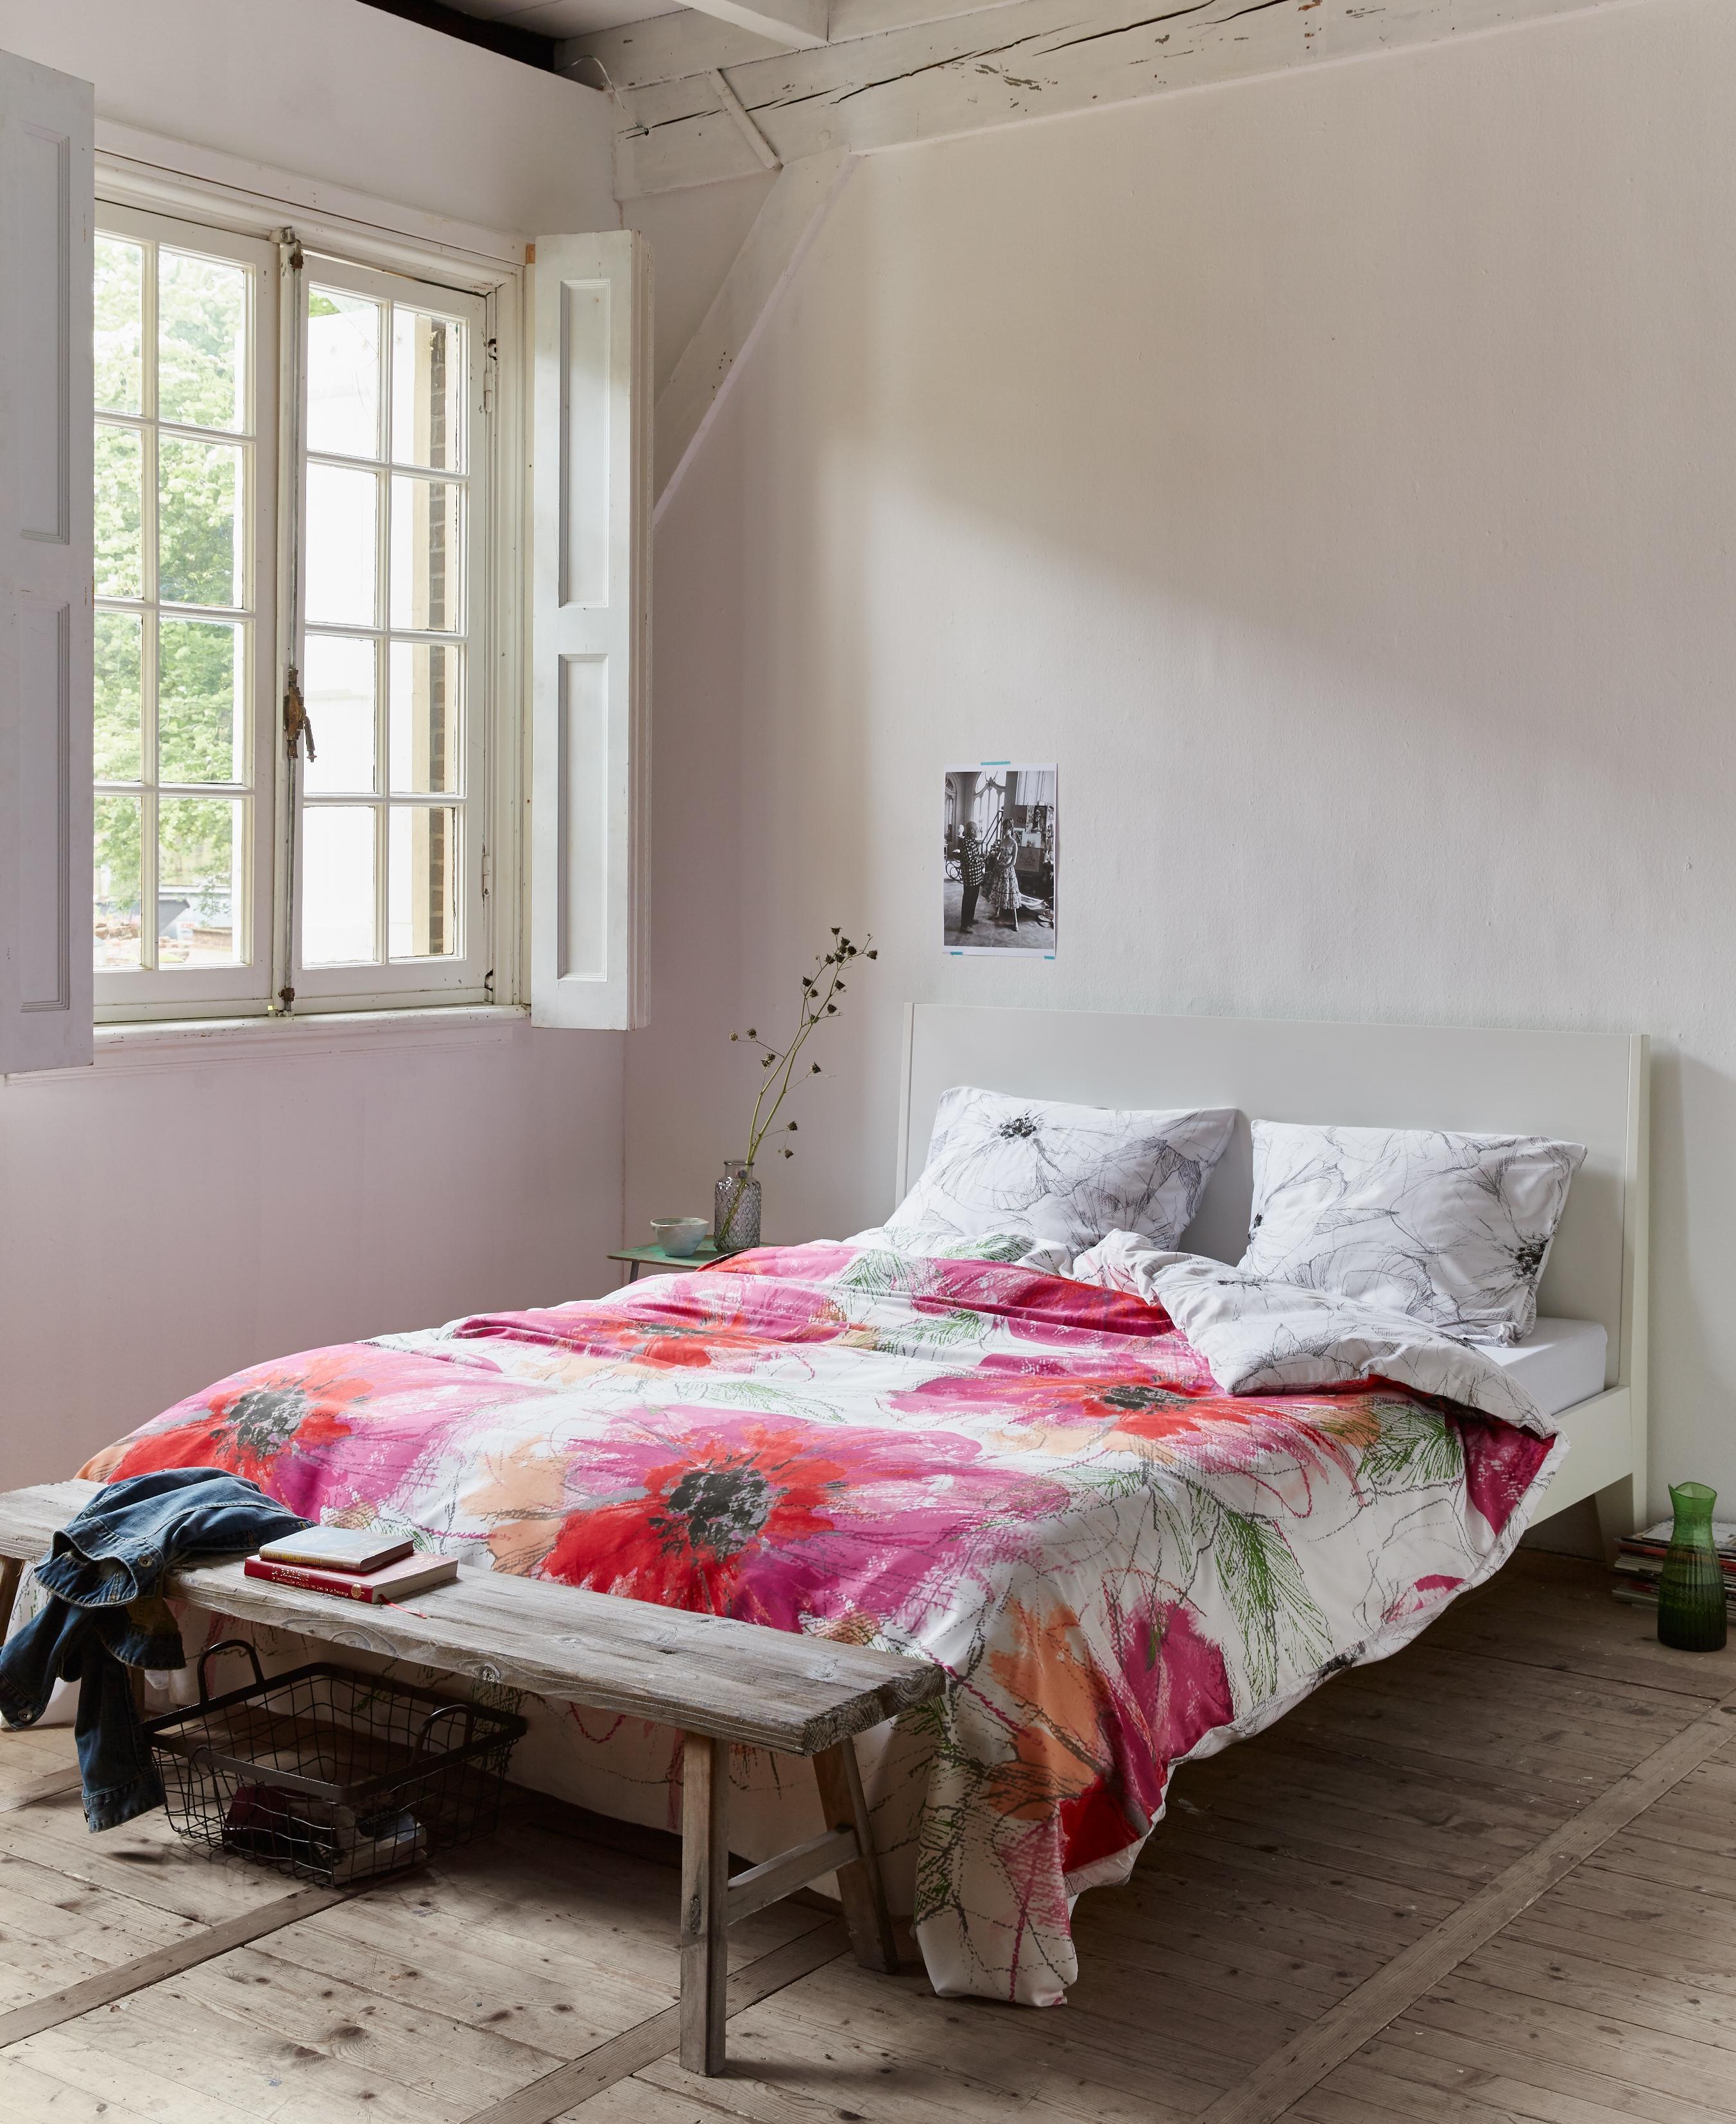 Schlafzimmer Gestalten • Bilder & Ideen • COUCHstyle